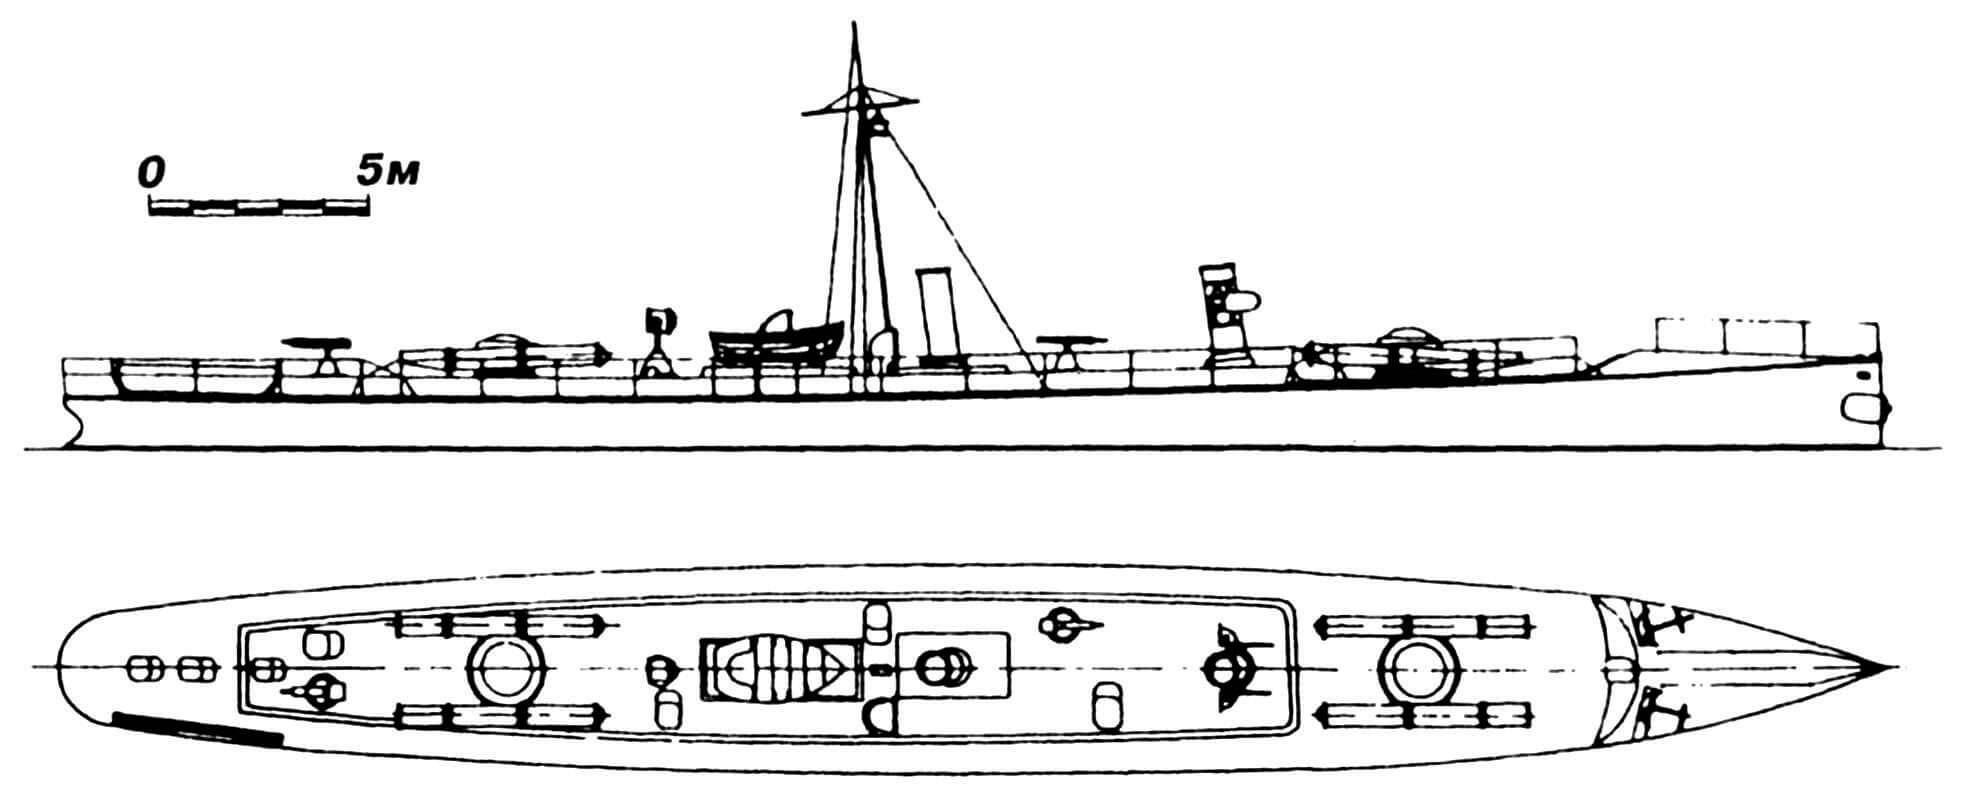 44.Миноносец «Балучи», Англия, 1888 г. Строился фирмой «Торникрофт». Водоизмещение нормальное 96 т. Длина наибольшая 41,08 м, ширина 4,51 м, осадка 2,15 м. Мощность одновальной паросиловой установки 1270 л.с., скорость на испытаниях 23,2 узла. Вооружение: пять торпедных аппаратов (носовой и 2x2 палубных), две 25-мм пушки Норденфельта. Всего построено три единицы: «Балучи», «Карен» и «Патан». Предназначались для службы в Индии, но остались в водах Метрополии. В 1892 г. переименованы в № 100, 102 и 103. Сданы на слом в 1909 г.